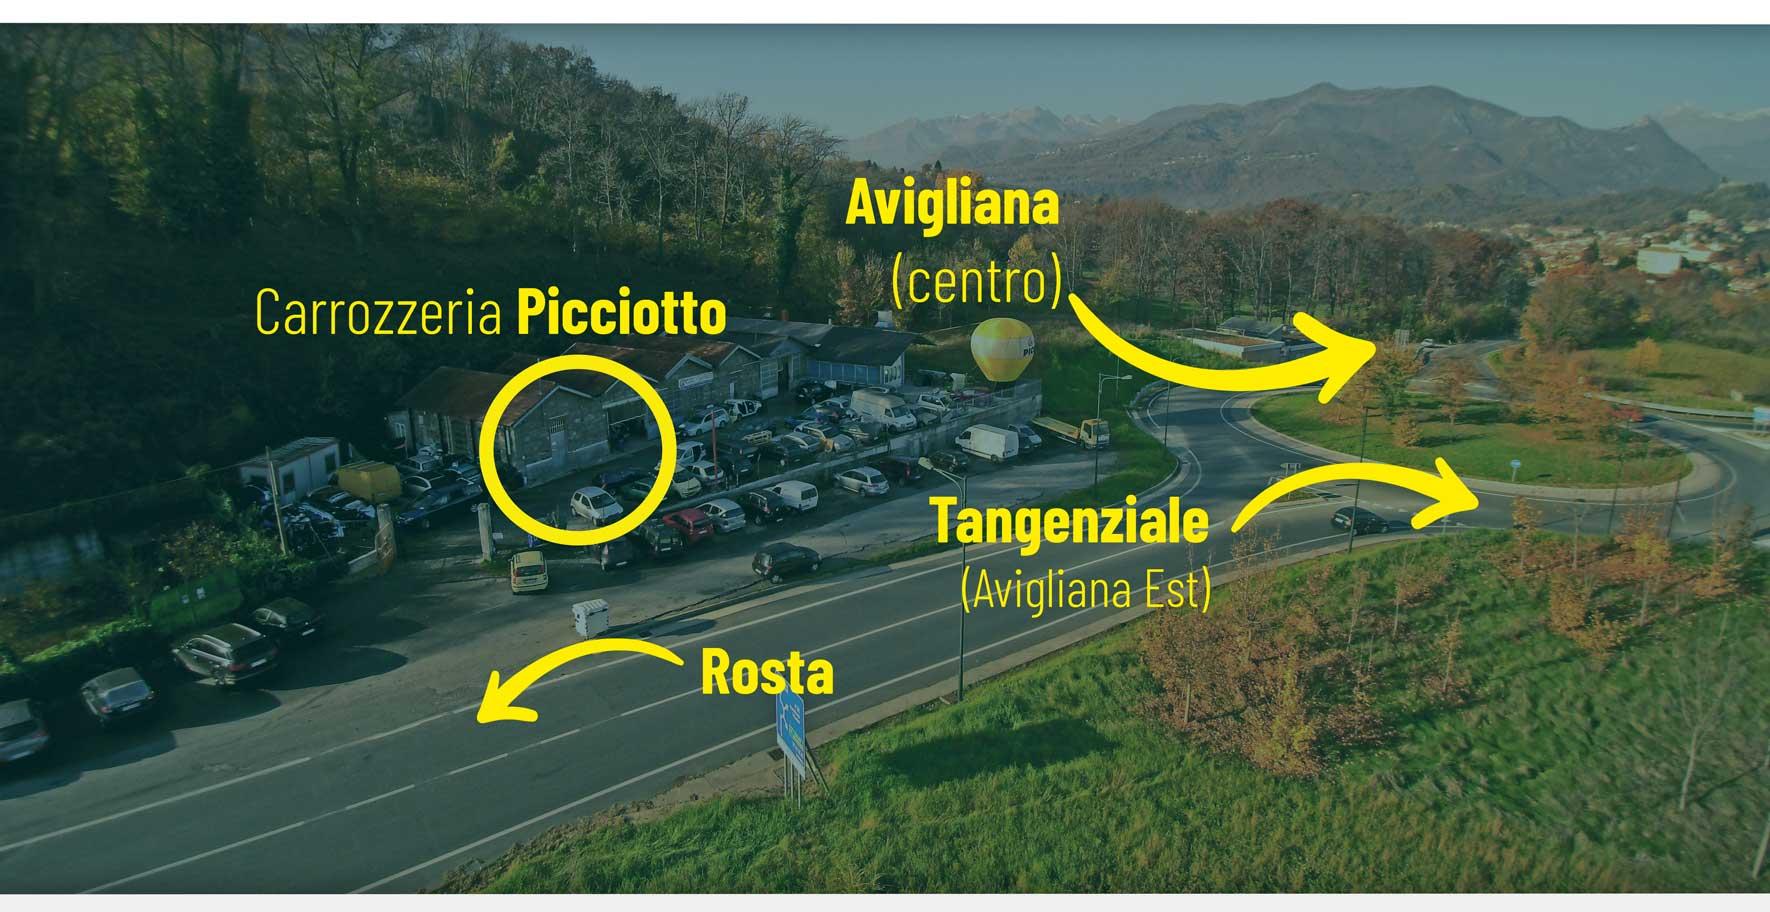 Dove siamo - Carrozzeria picciotto Avigliana Torino